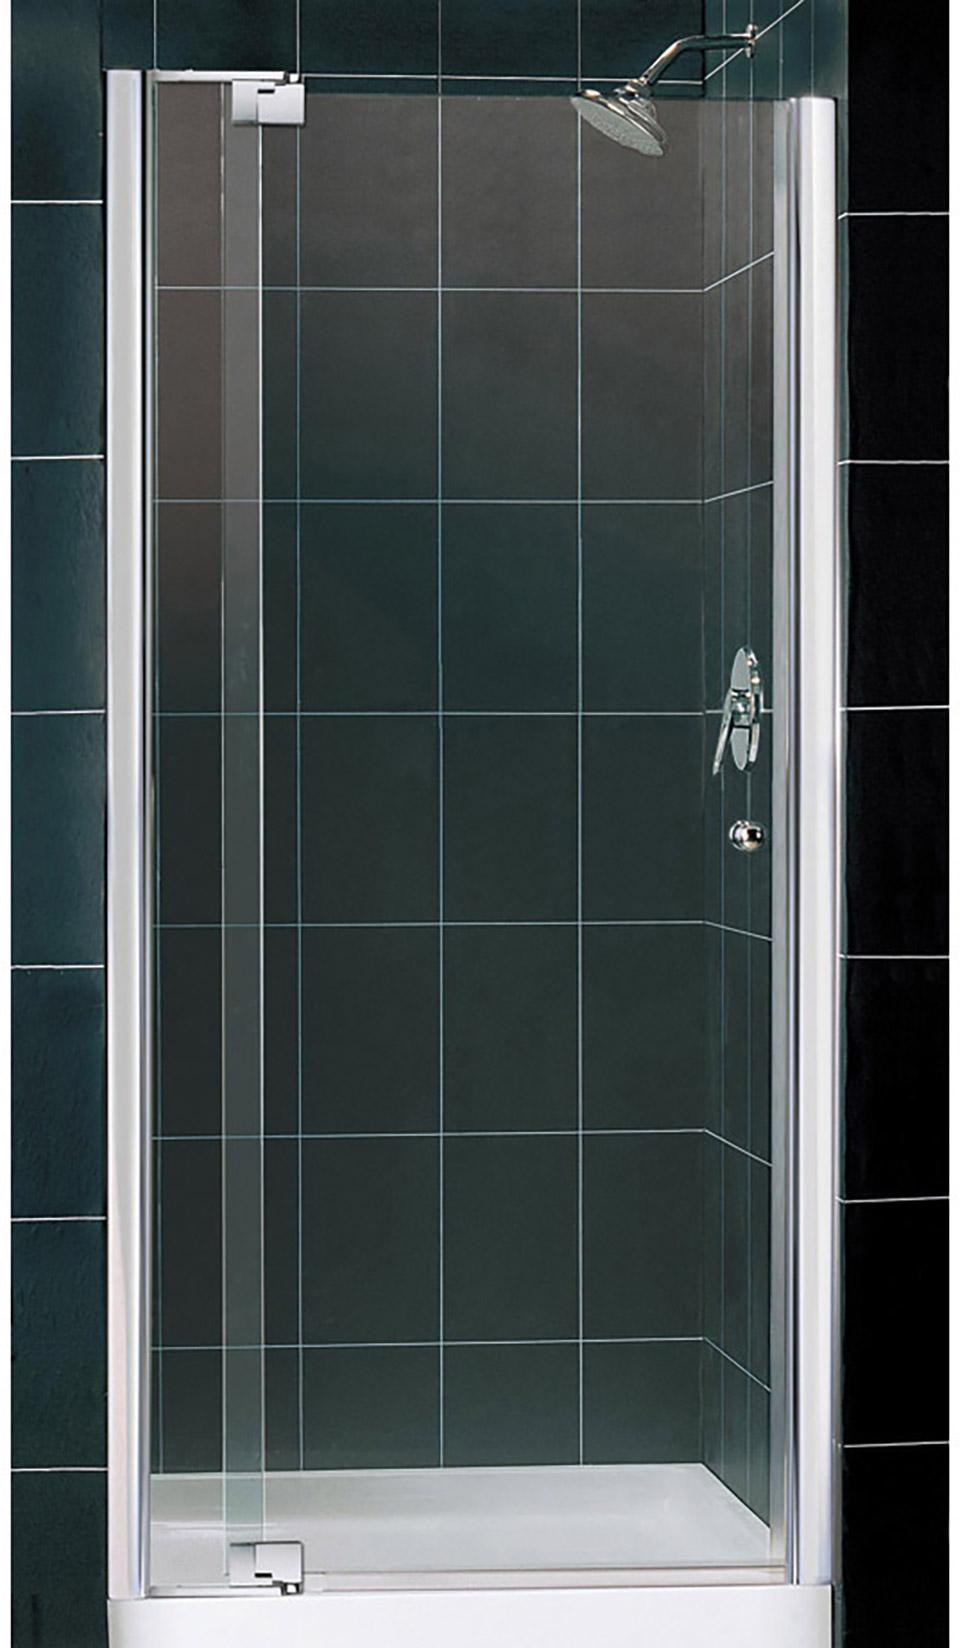 Dreamline Dl 6430 Cl Allure Frameless Pivot Shower Door And Slimline 36 In By 36 In Single Threshold Shower Base